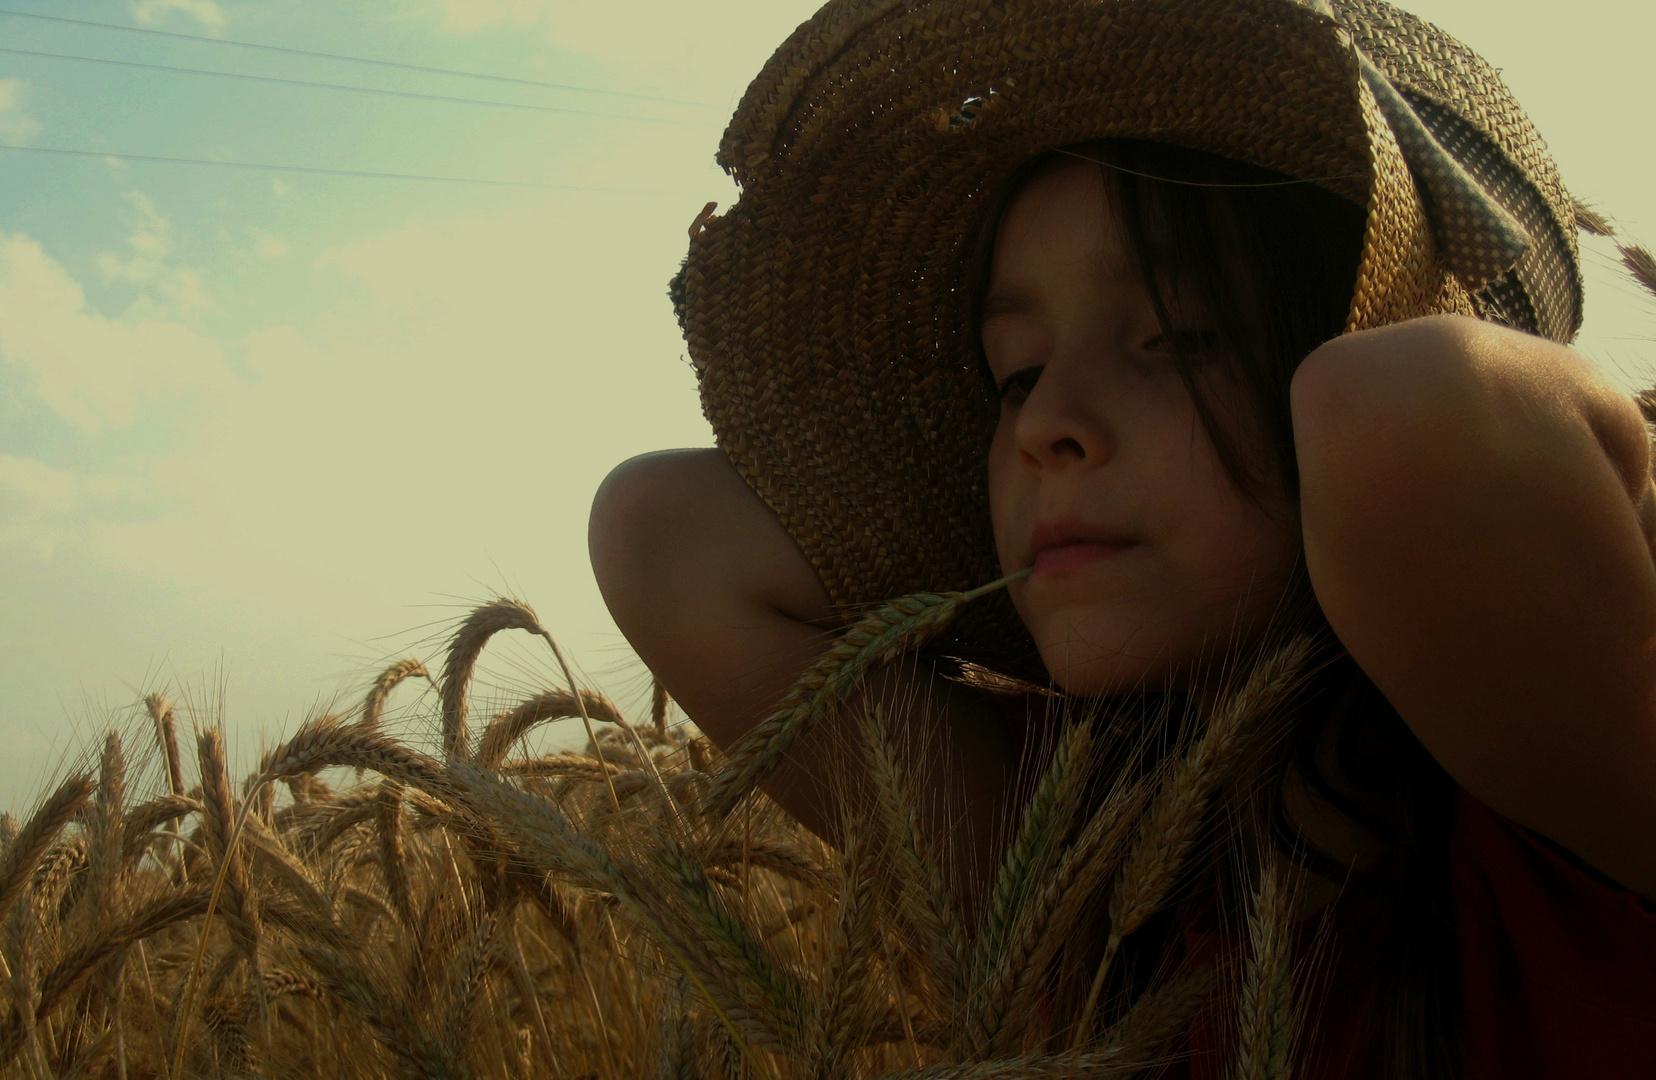 L'enfant déshérité s'ennivre de soleil (2)